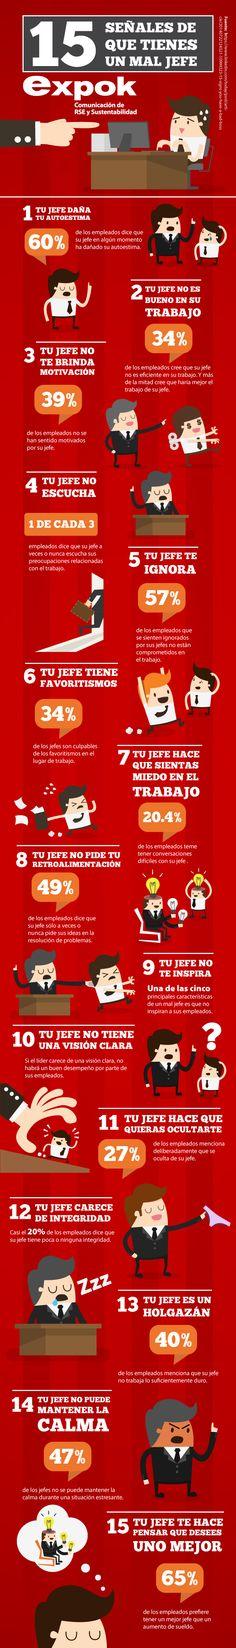 Infografía: 15 señales de que tienes un mal jefe